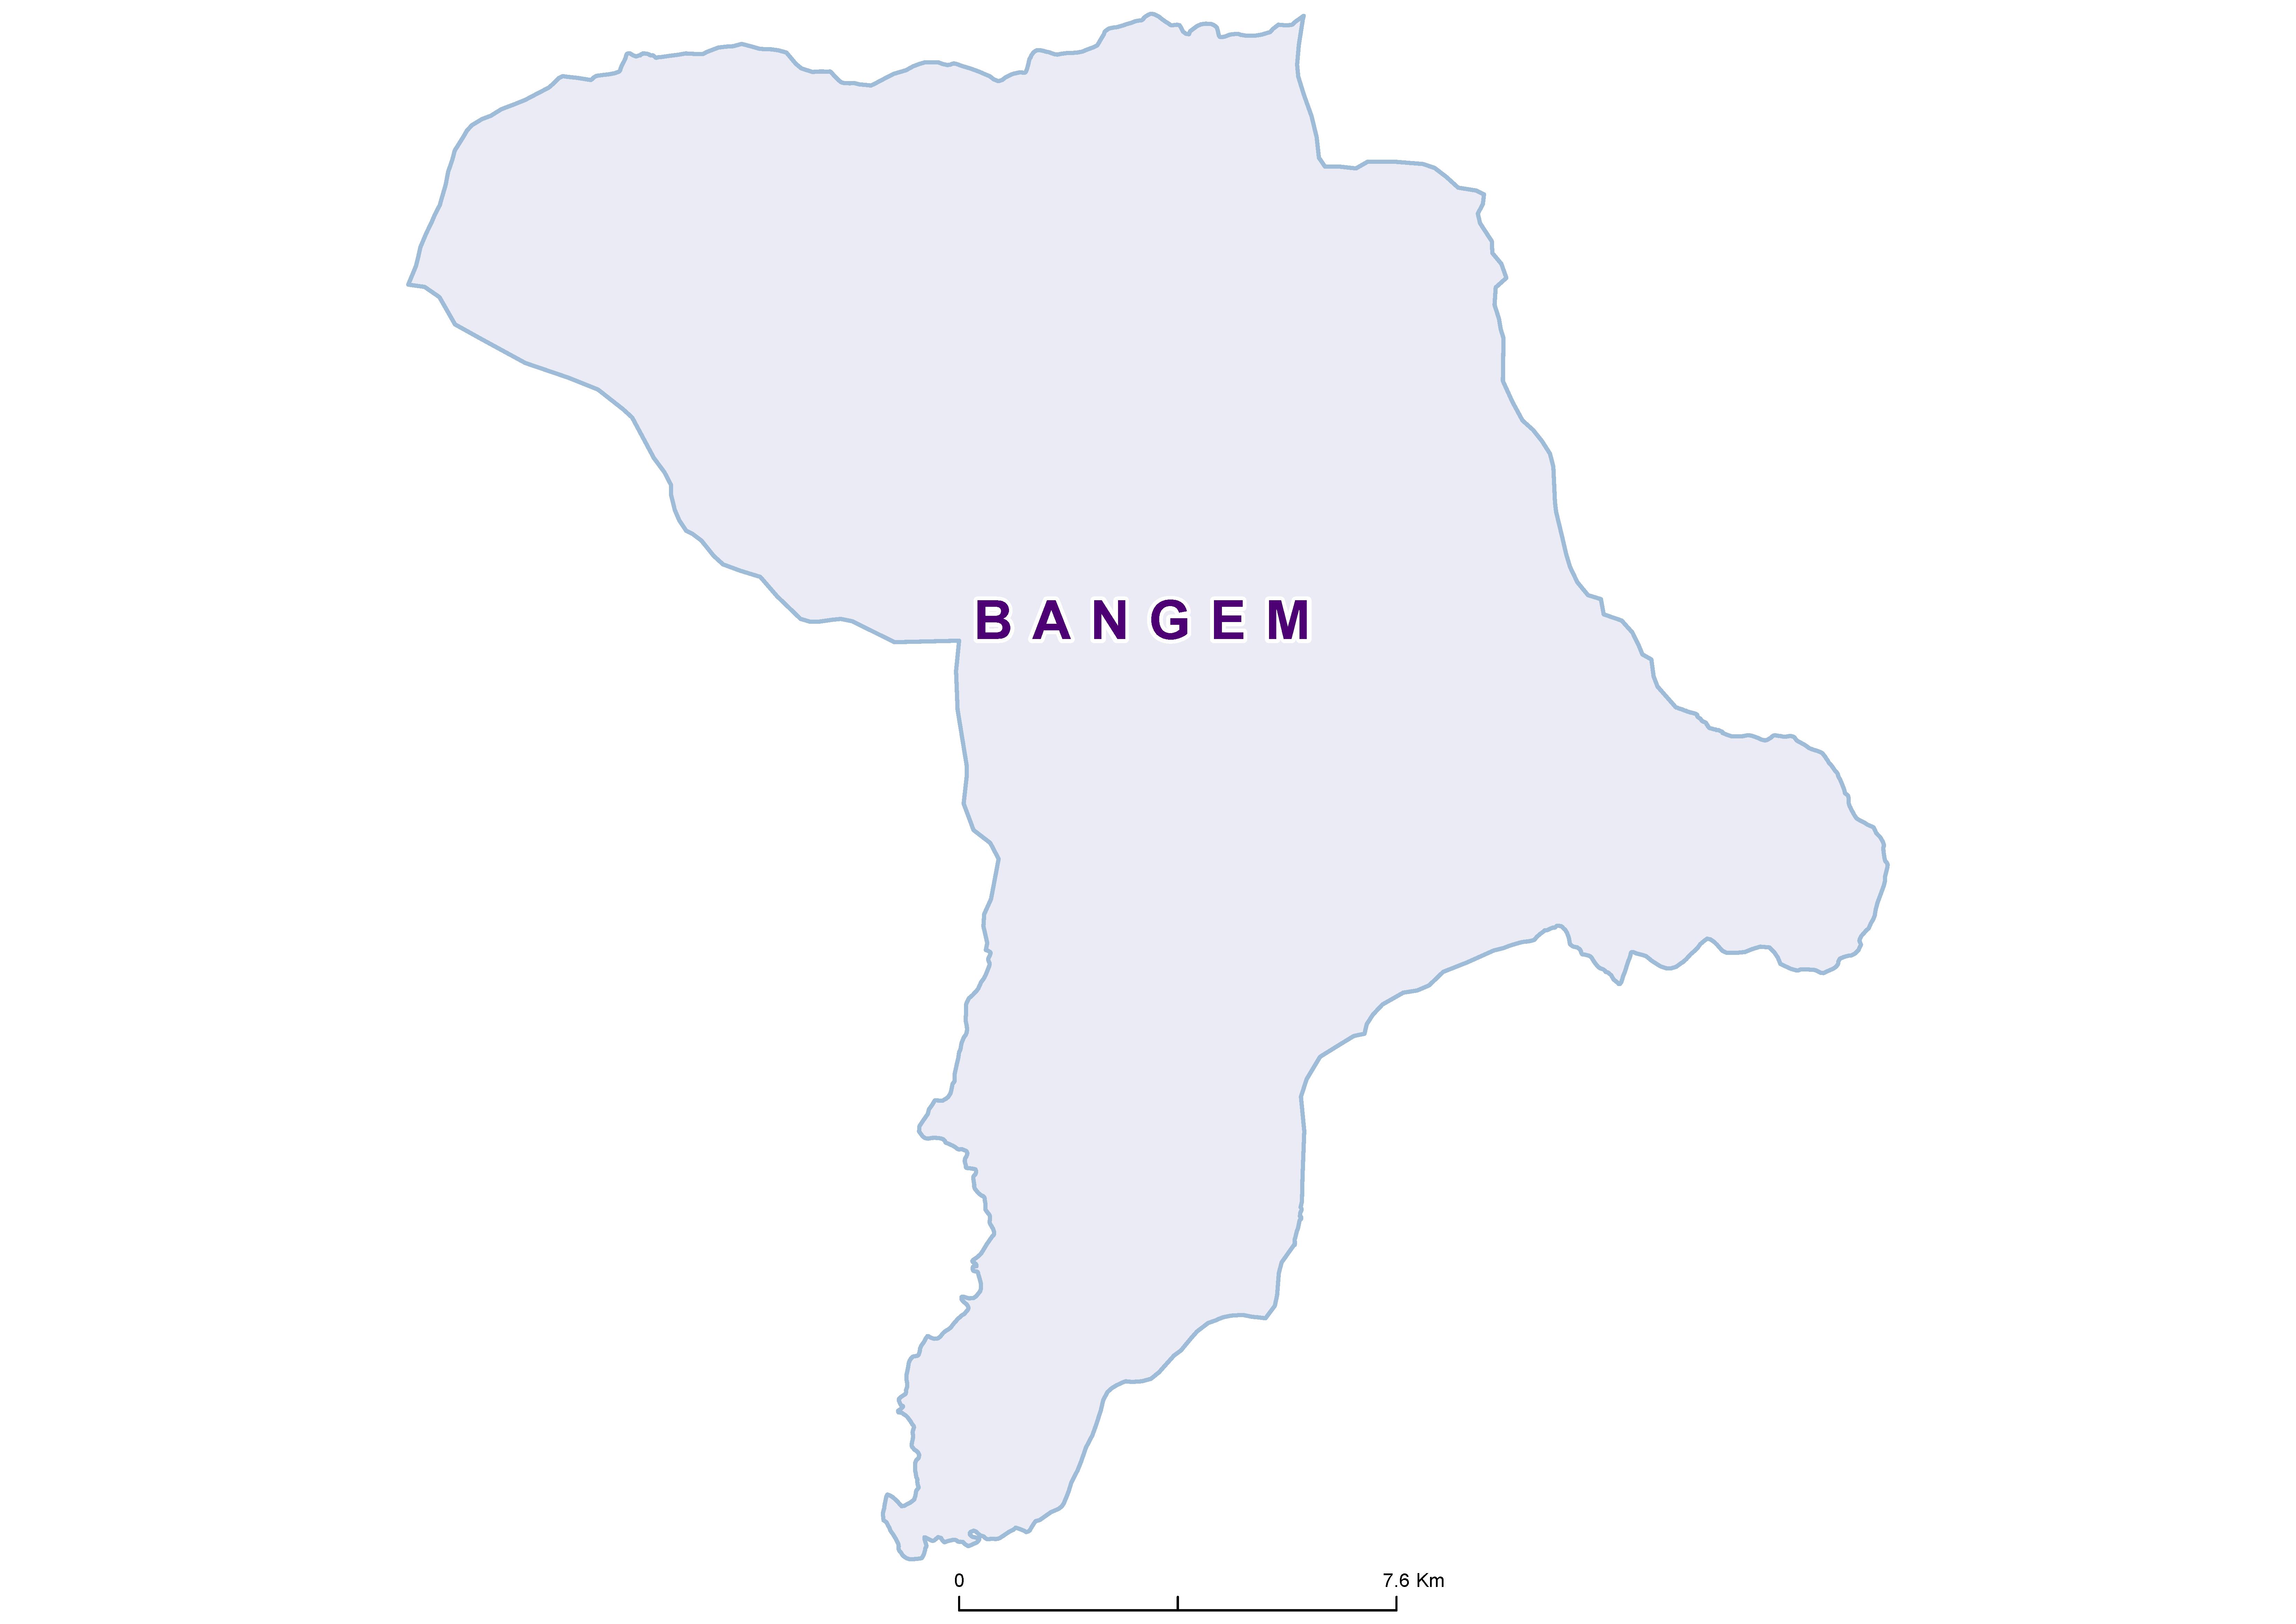 Bangem Mean SCH 19850001